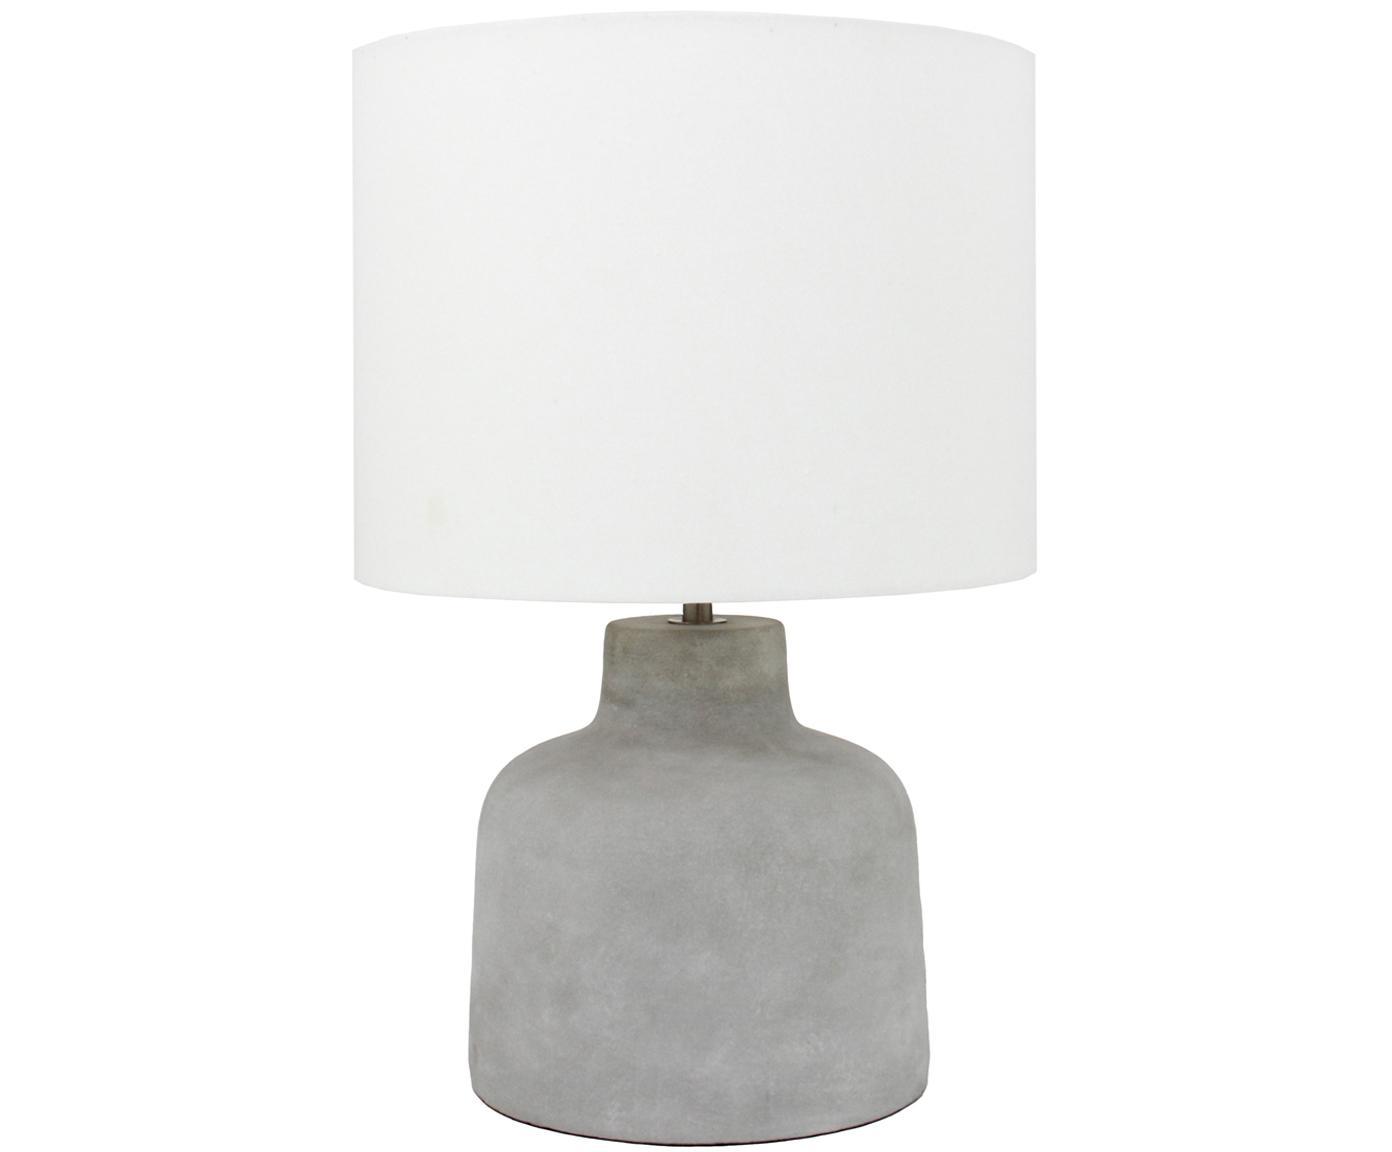 Beton-Tischleuchte Ike, Lampenschirm: 100% Leinen, Lampenfuß: Beton, Beton, Weiß, Ø 30 x H 45 cm